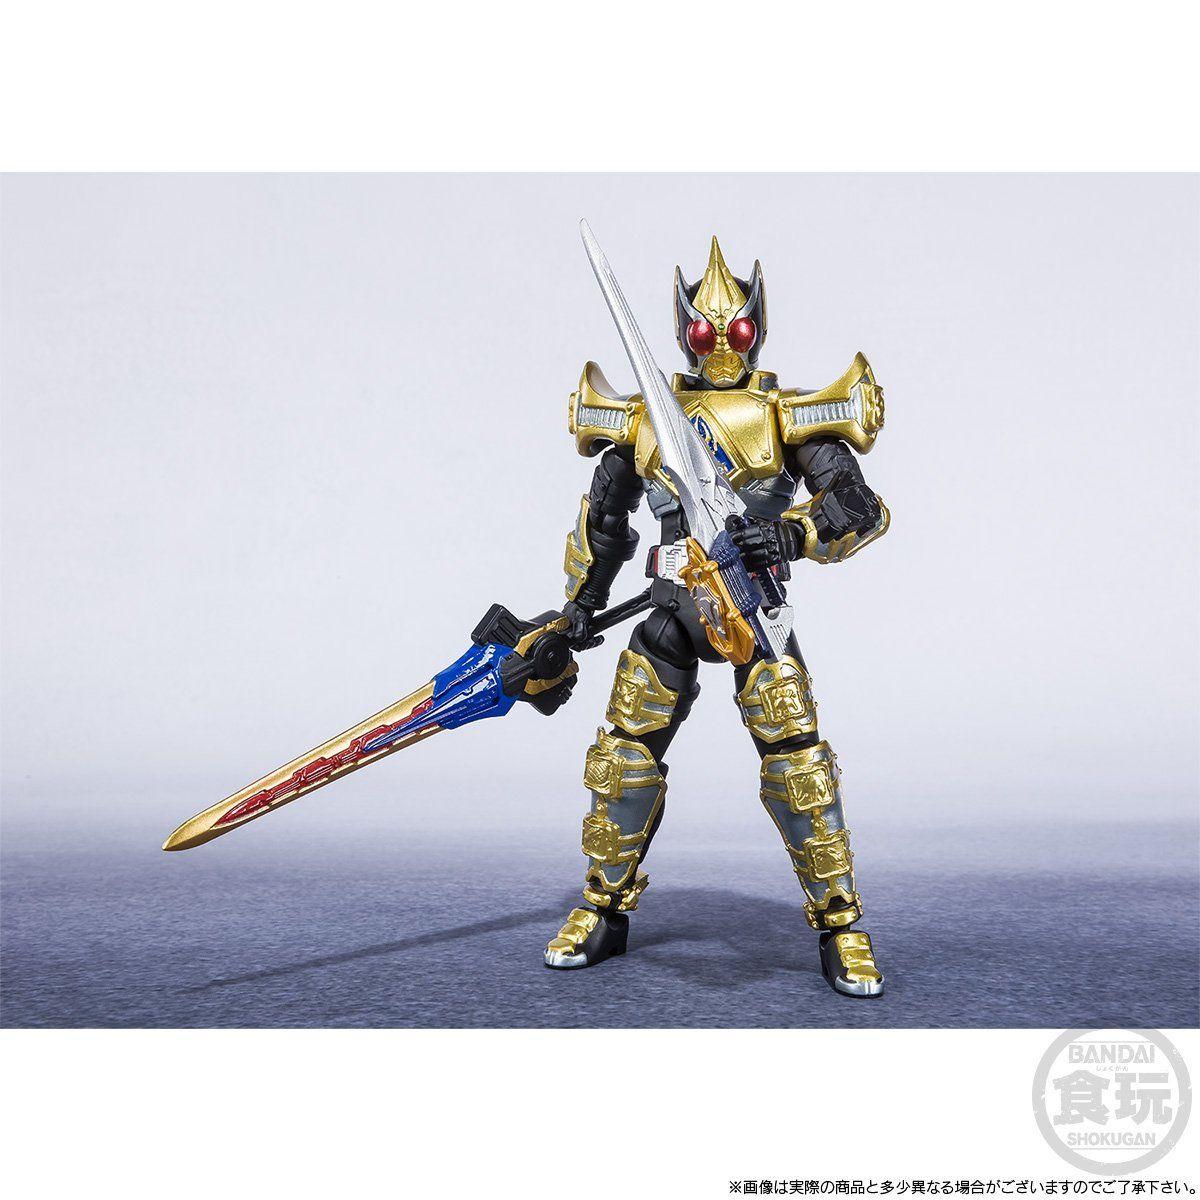 【限定販売】【食玩】SHODO-X『仮面ライダー剣 キングフォームセット』可動フィギュア-004